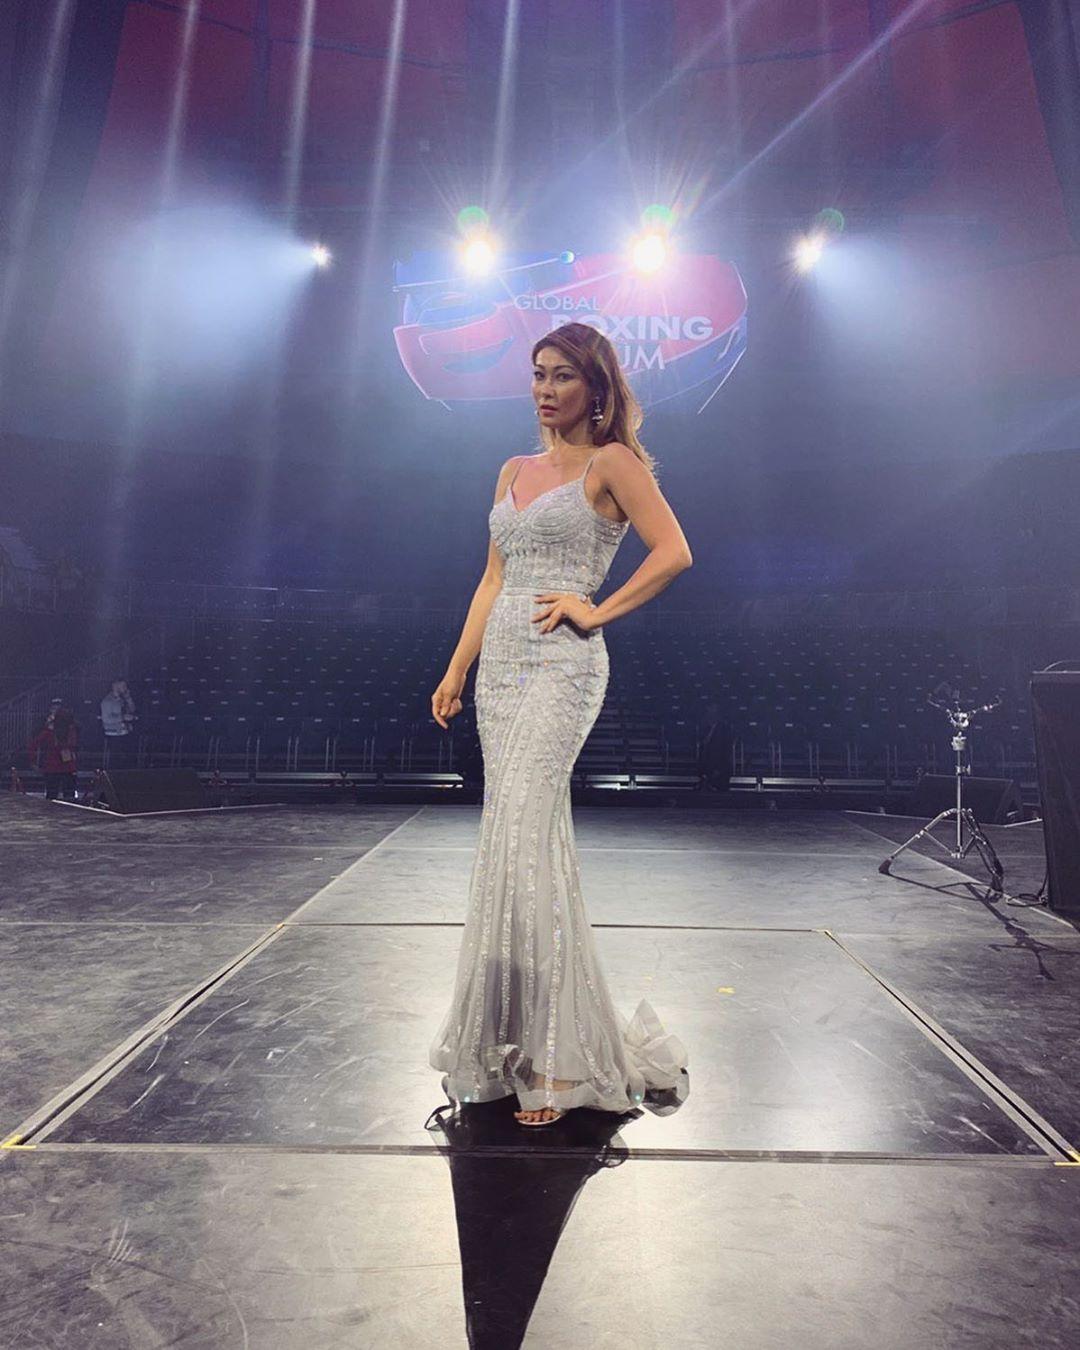 Телеведущая Марина Ким на открытии Второго Всемирного боксёрского форума в платье StoryDress